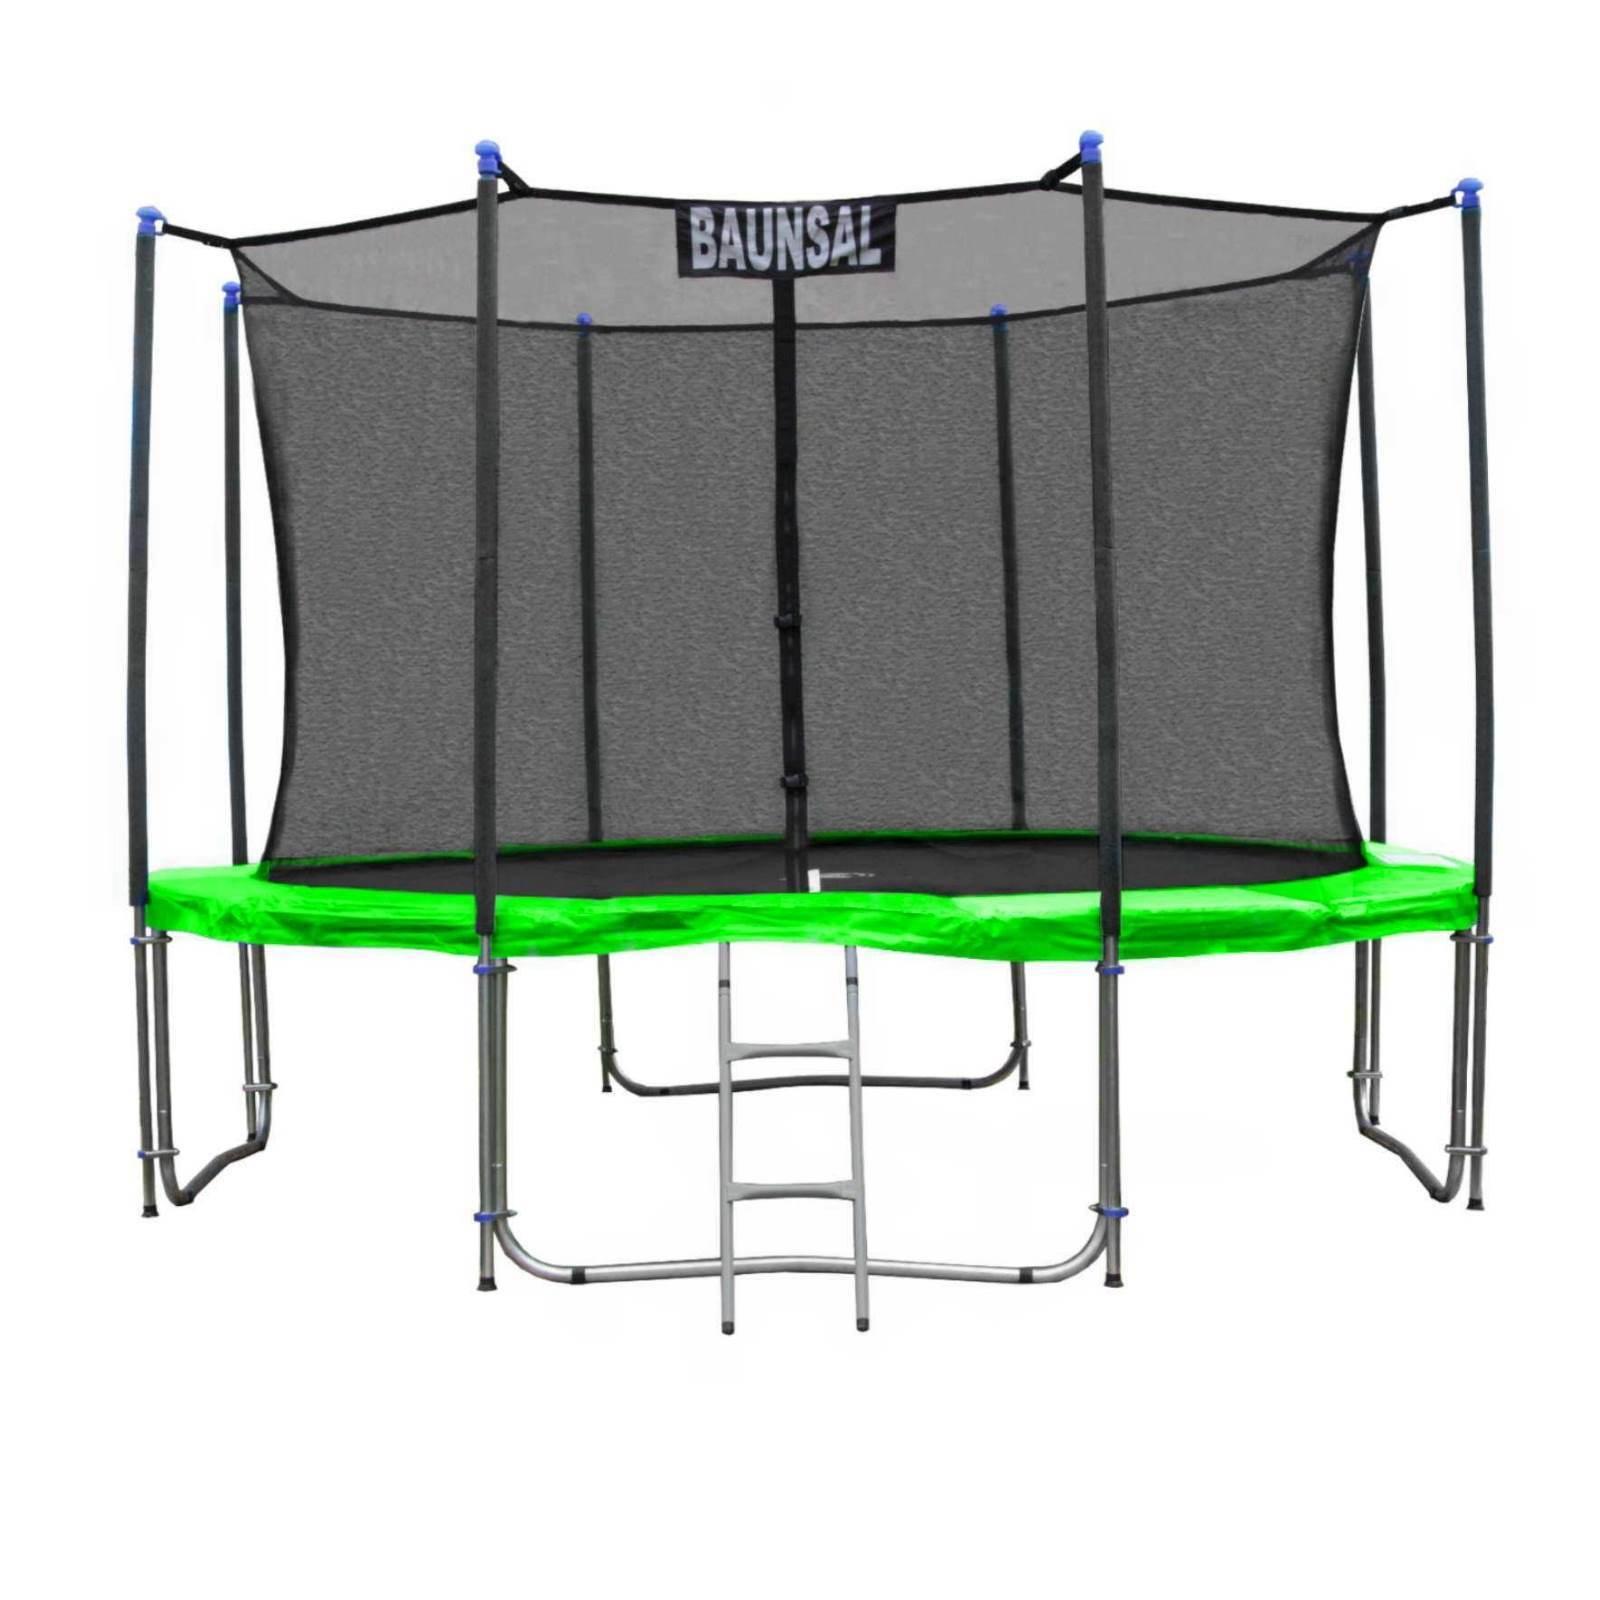 Gartentrampolin Trampolin in 305 mit bis 310 cm hellgrün mit 305 Netz innen und Leiter 2c2356